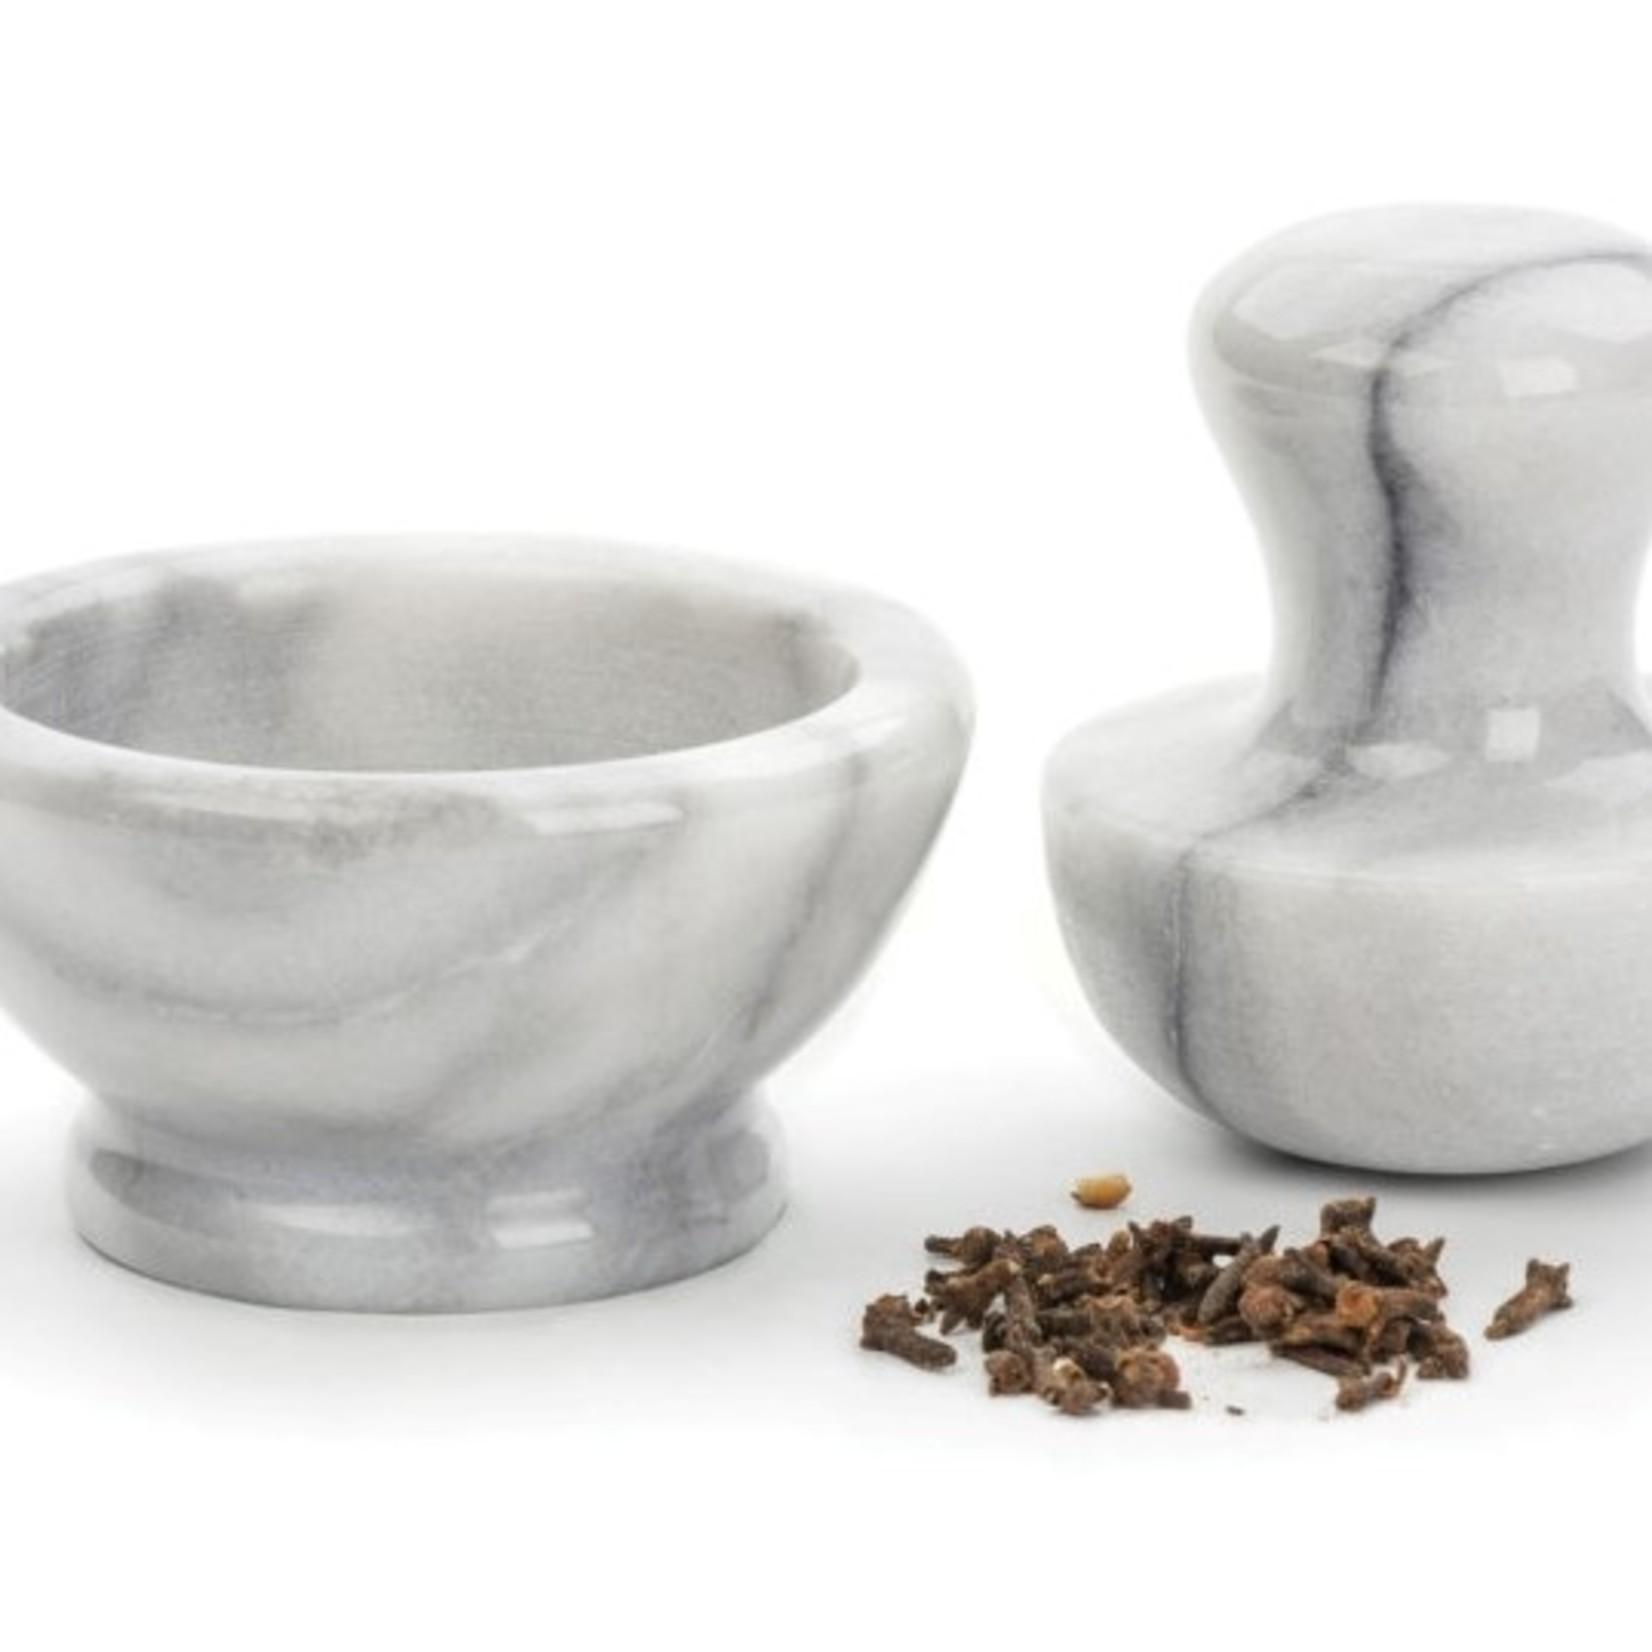 RSVP International White Marble Mortar & Pestle Grinder